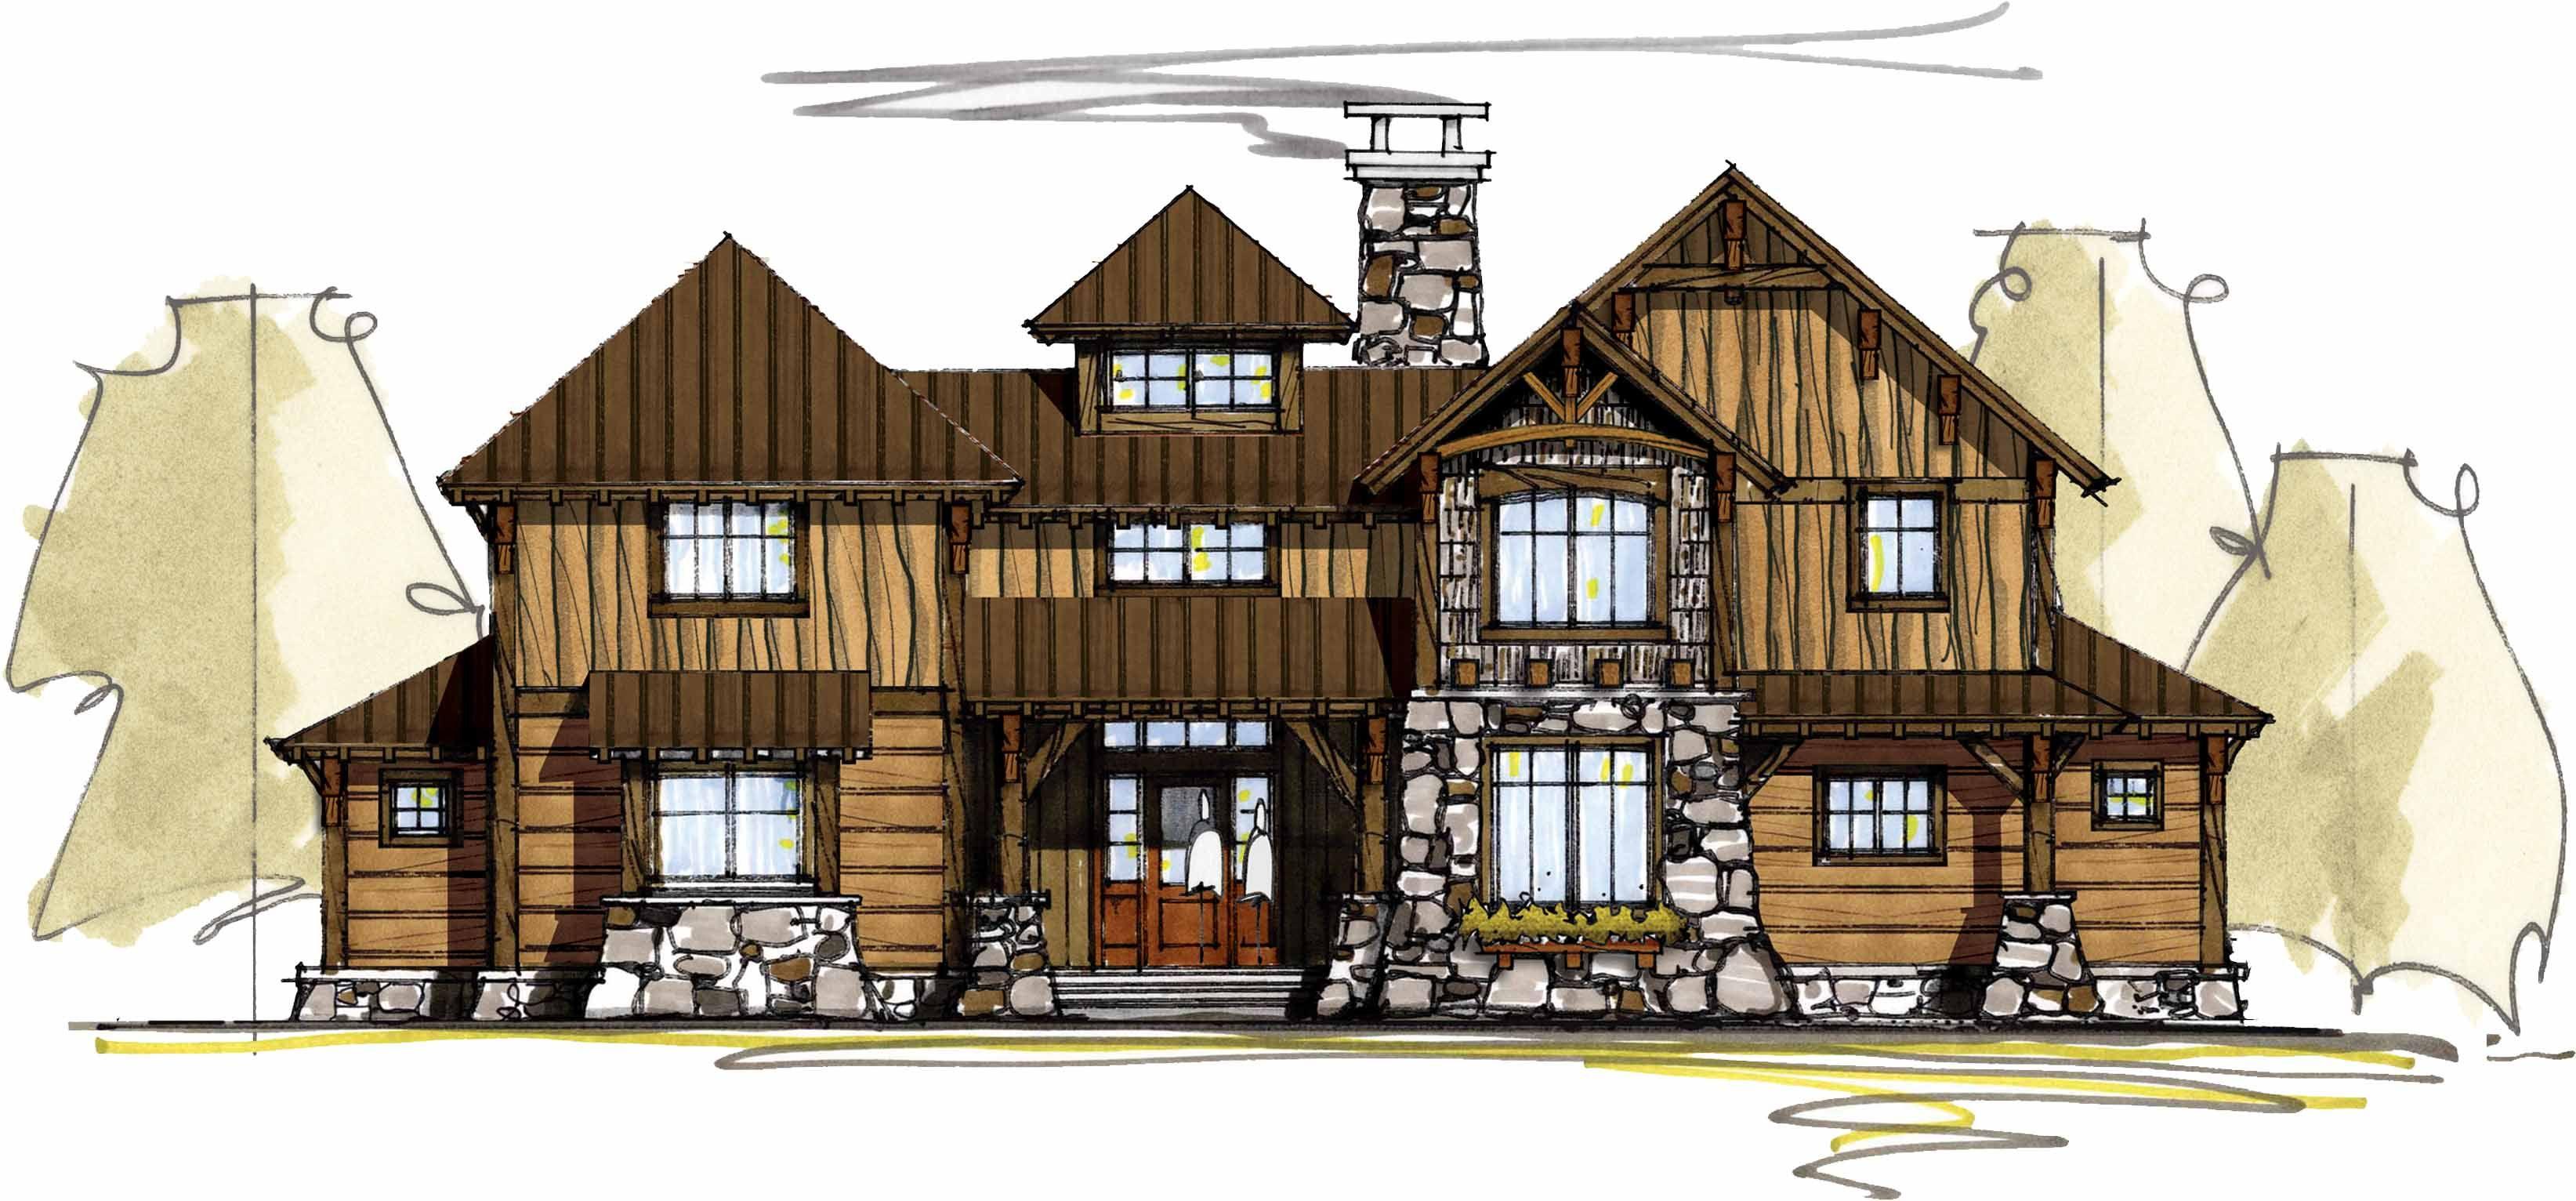 Lodge Home Plan With Second Floor Bridge   18718CK | 1st Floor Master  Suite, Craftsman